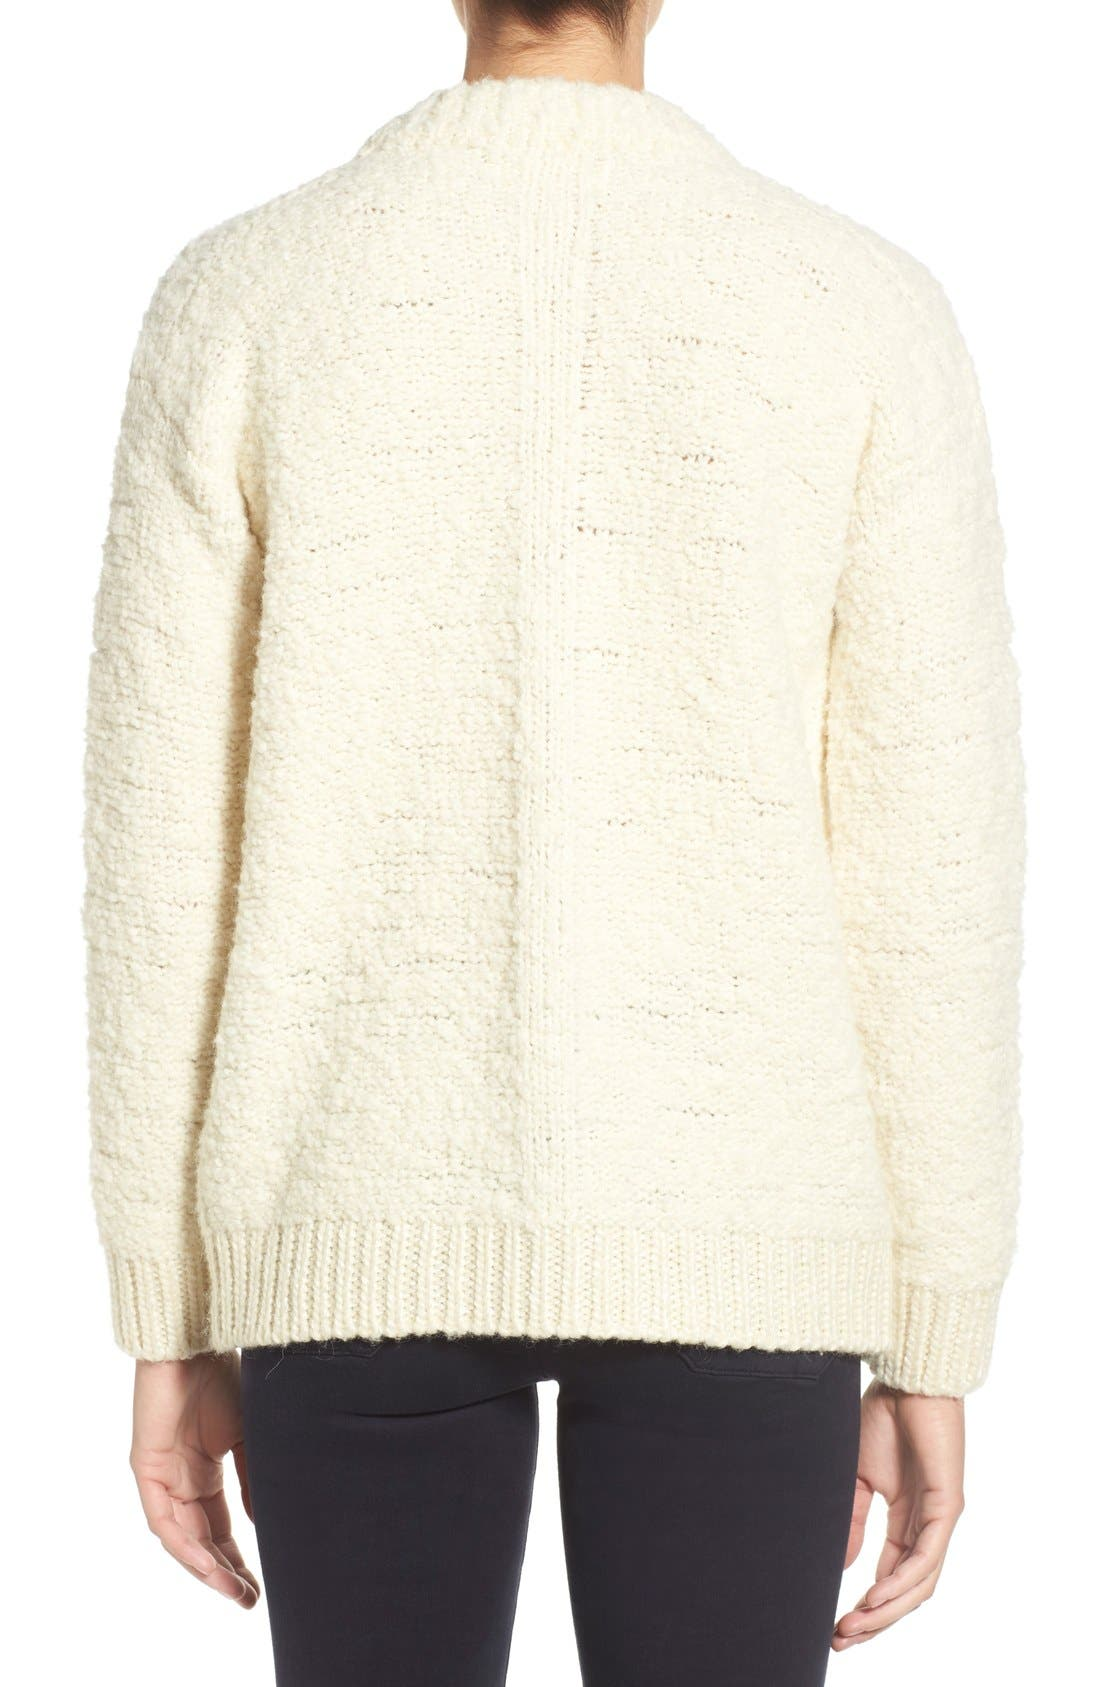 Alternate Image 2  - M.i.h. Jeans 'Bird' Bouclé Crewneck Sweater